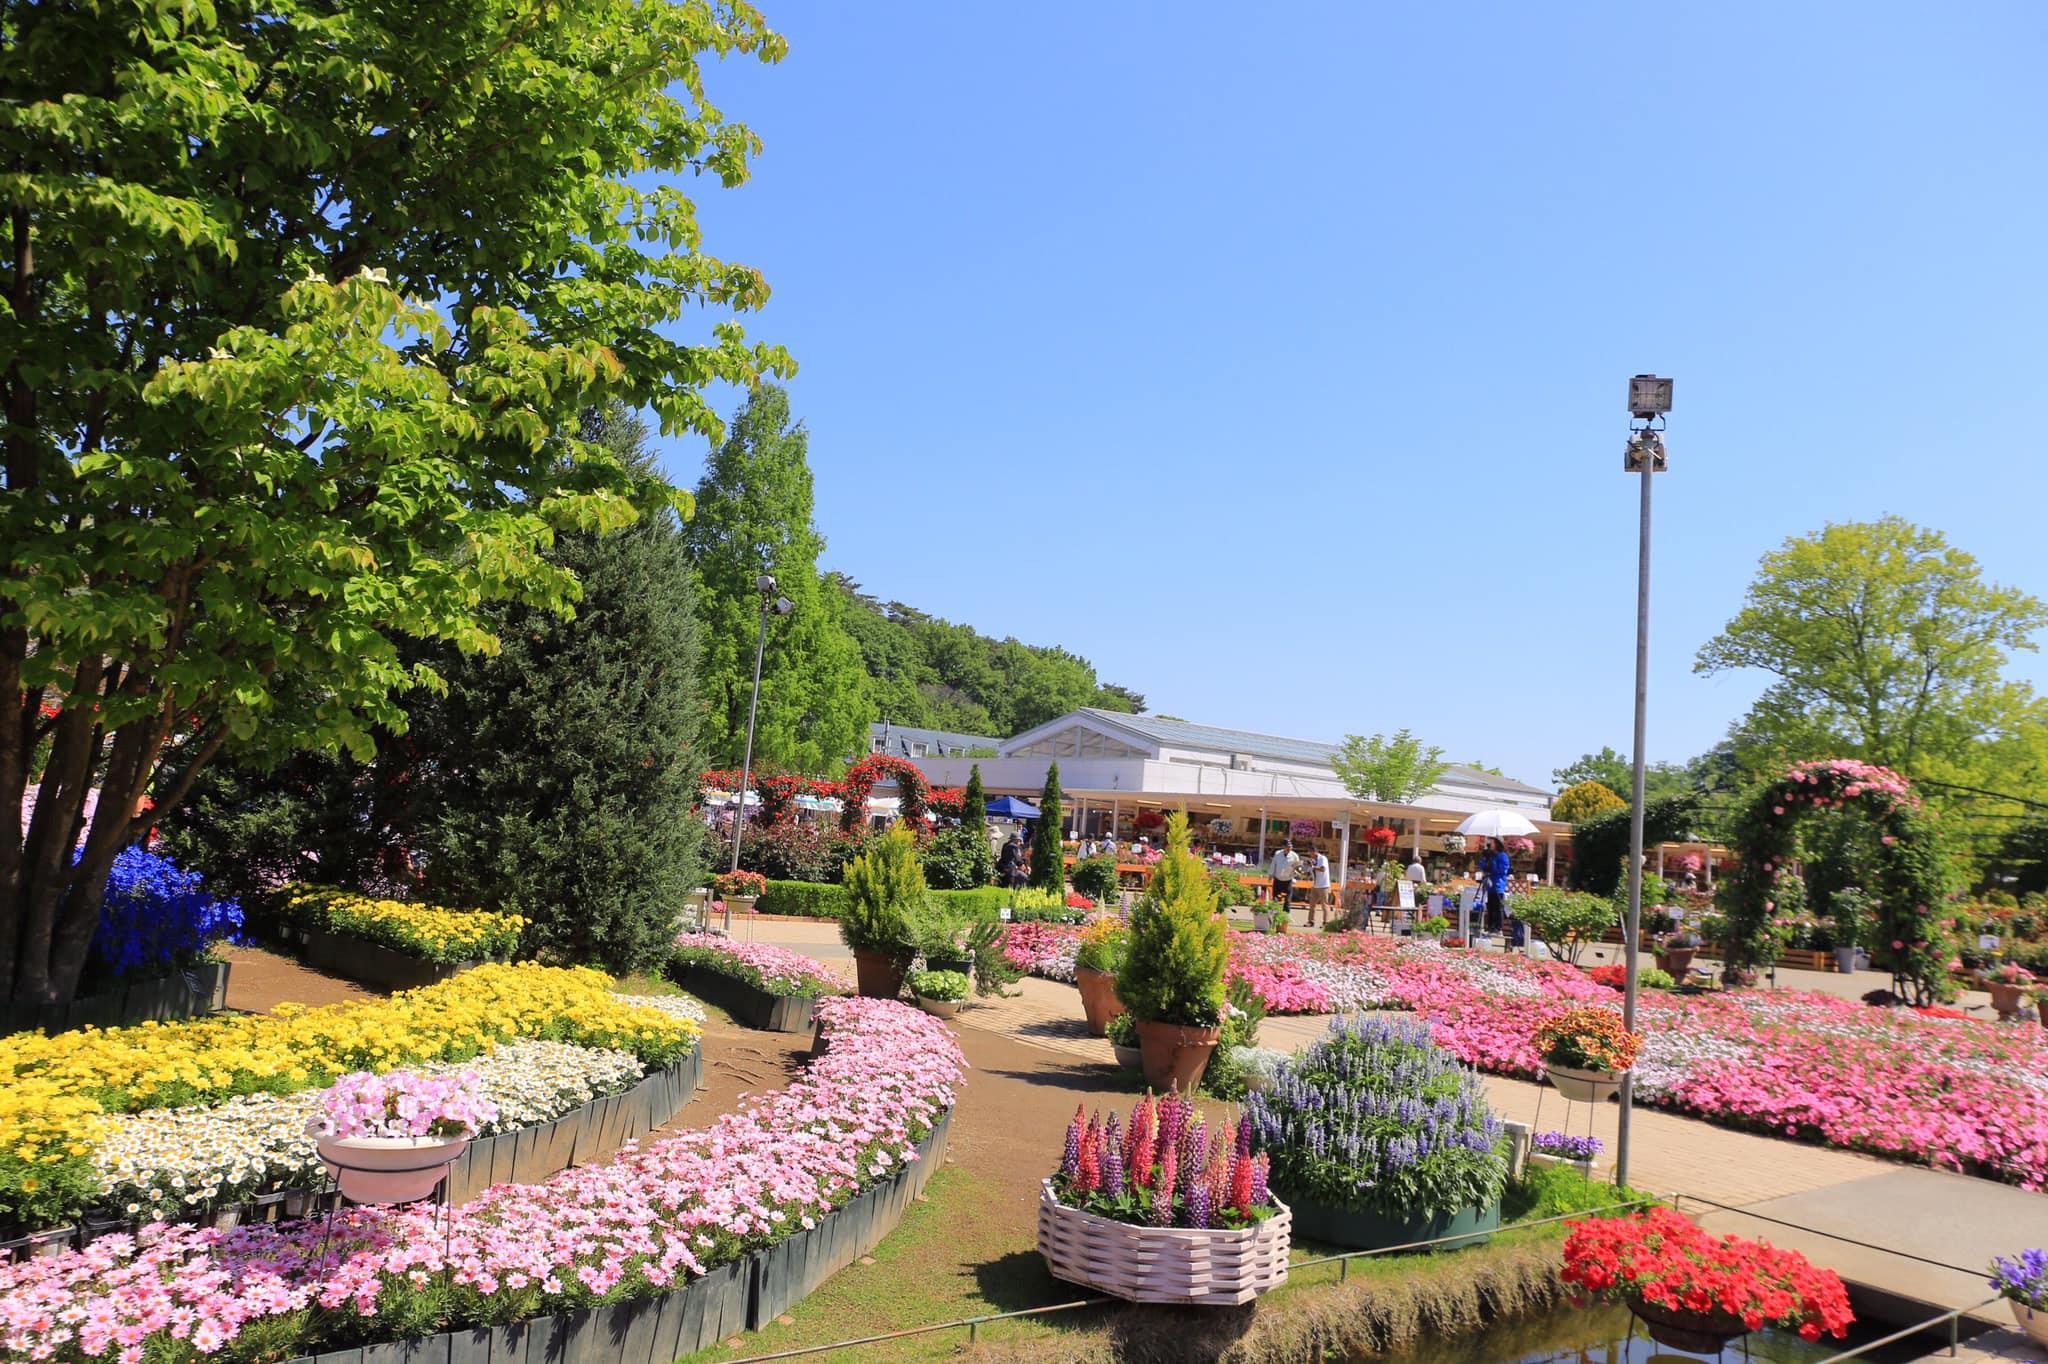 4 lí do khiến bạn xách ba lô du lịch Nhật Bản ngay mùa hè Ảnh 2